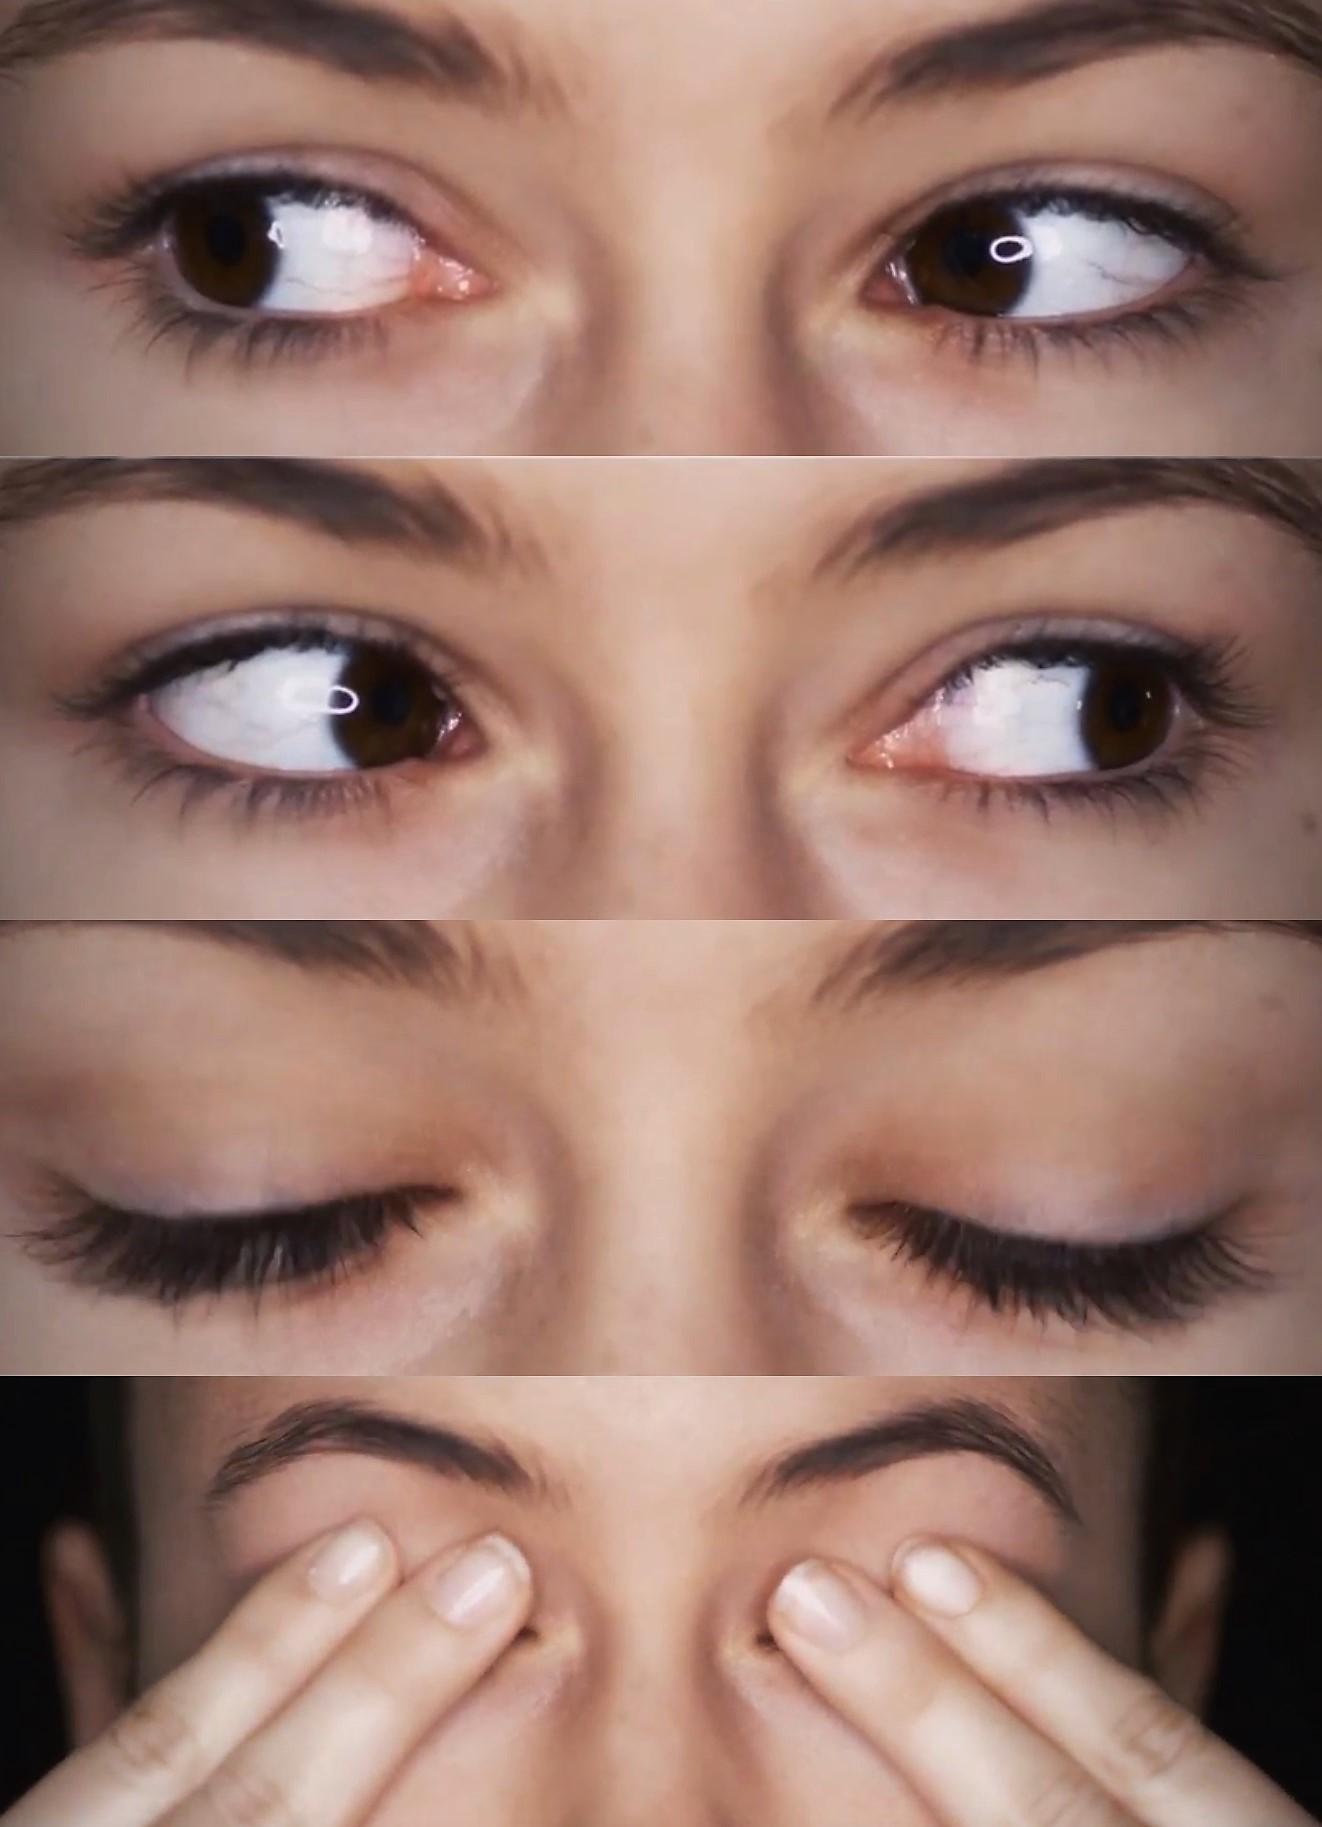 ocni joga